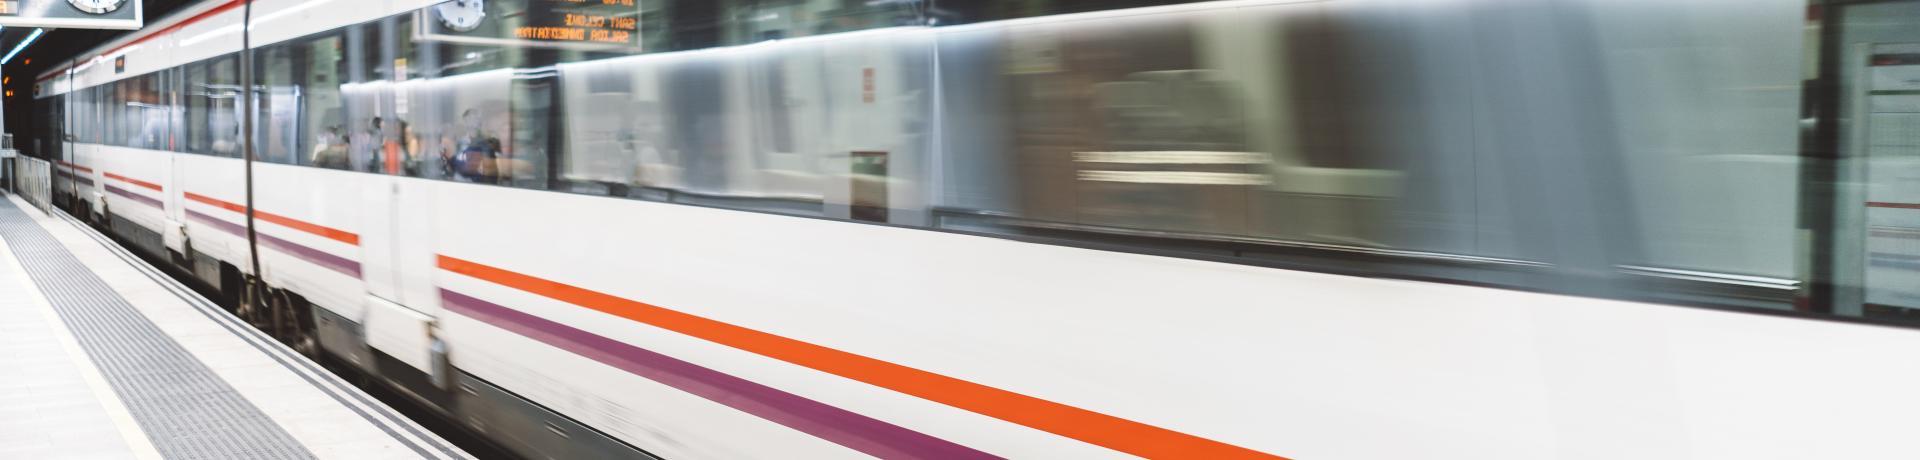 Zug+Bahnsteig+Metro+GI-831170514.jpg